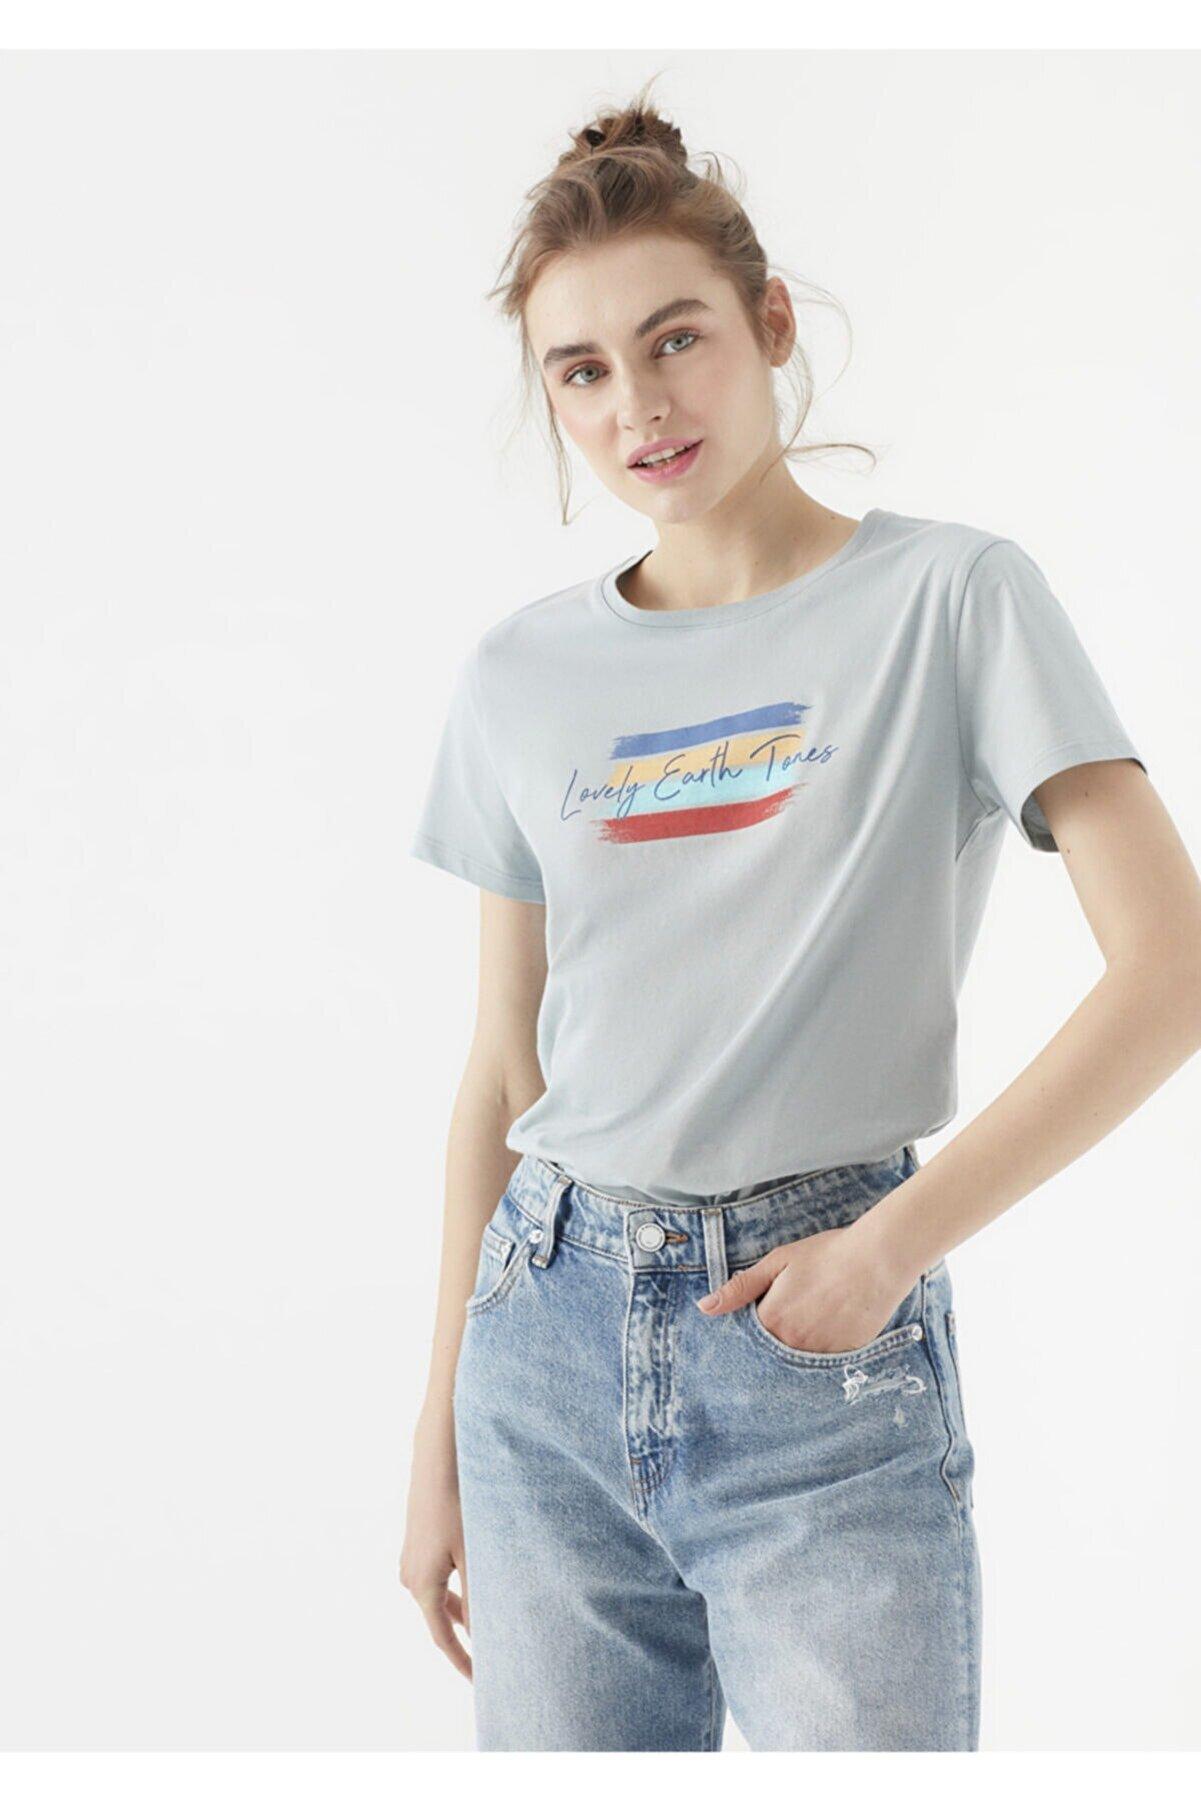 Mavi Lovely Earth Tones Baskılı Gri Tişört 1600718-34080